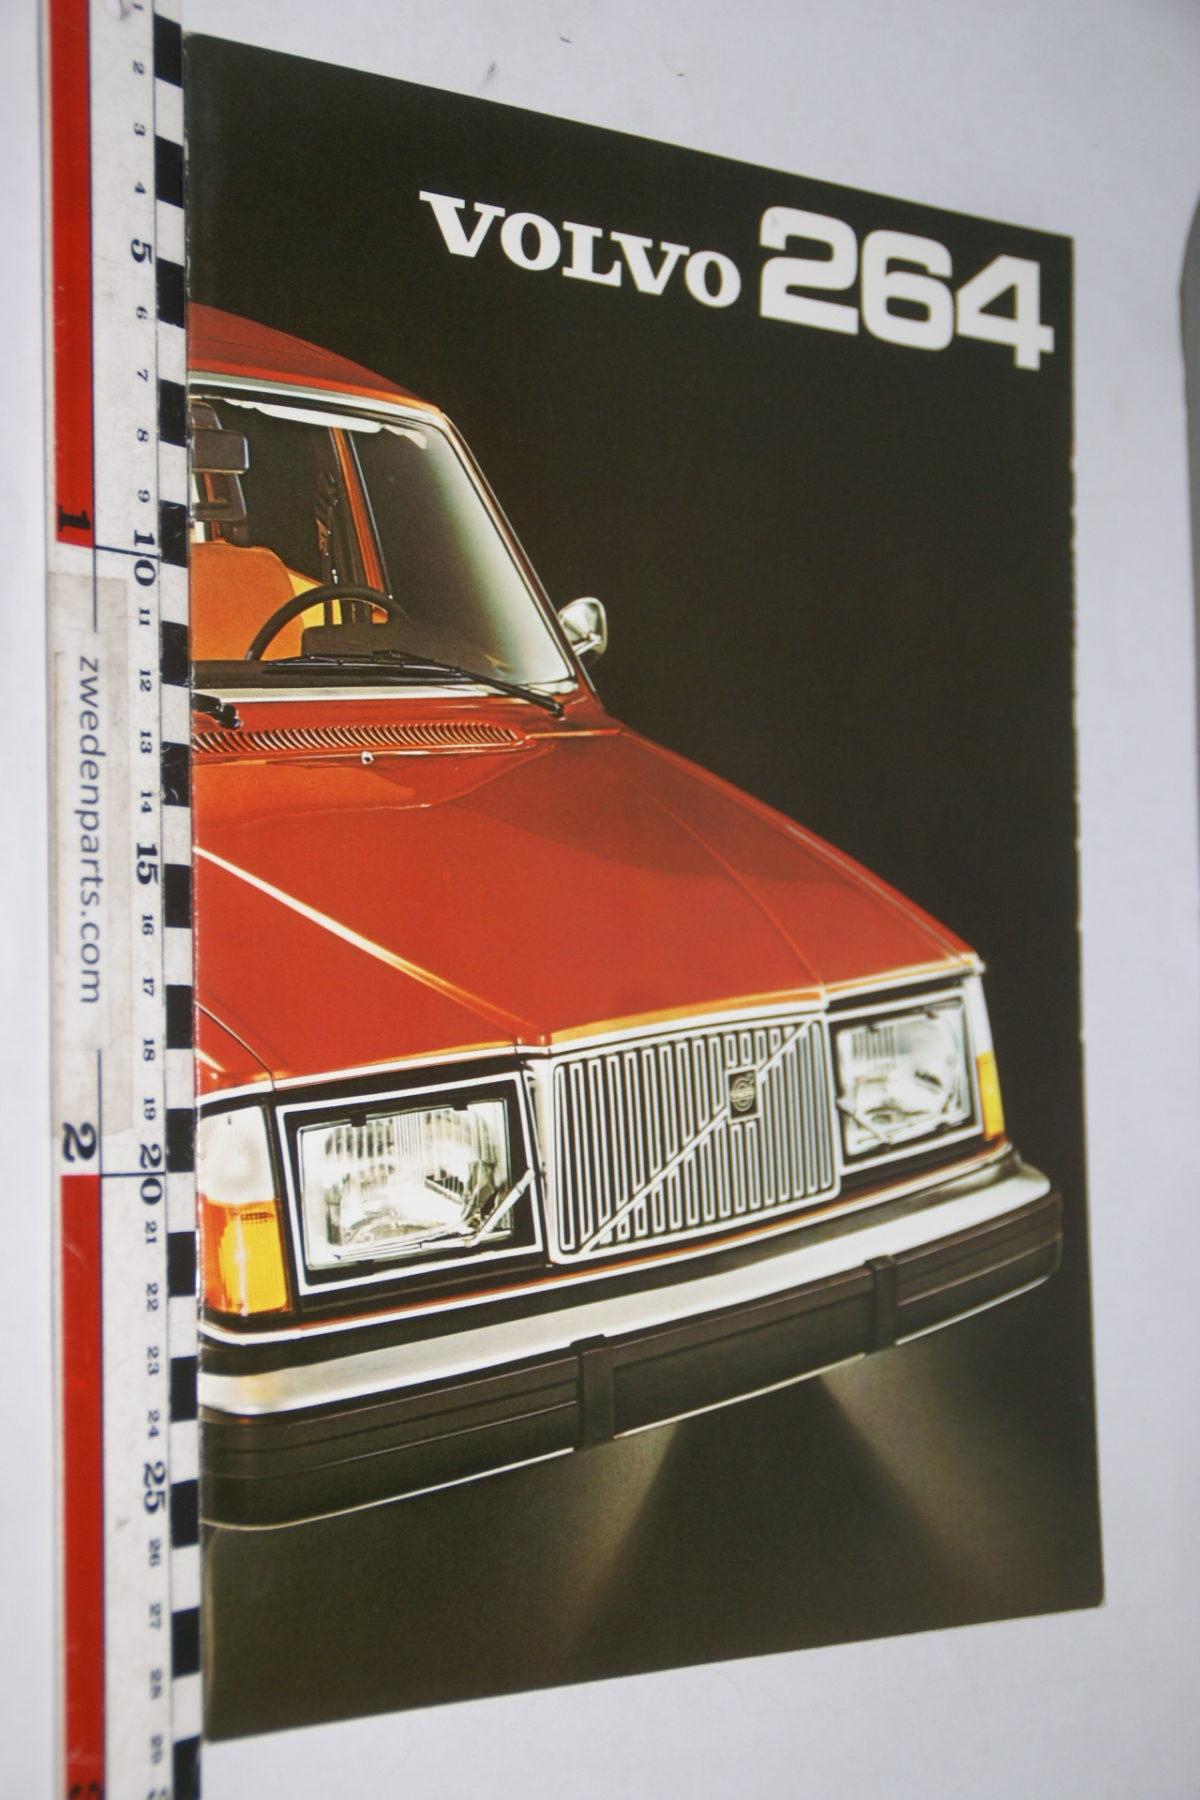 DSC07986 1975 brochure Volvo 264 nr RSPPV 1887